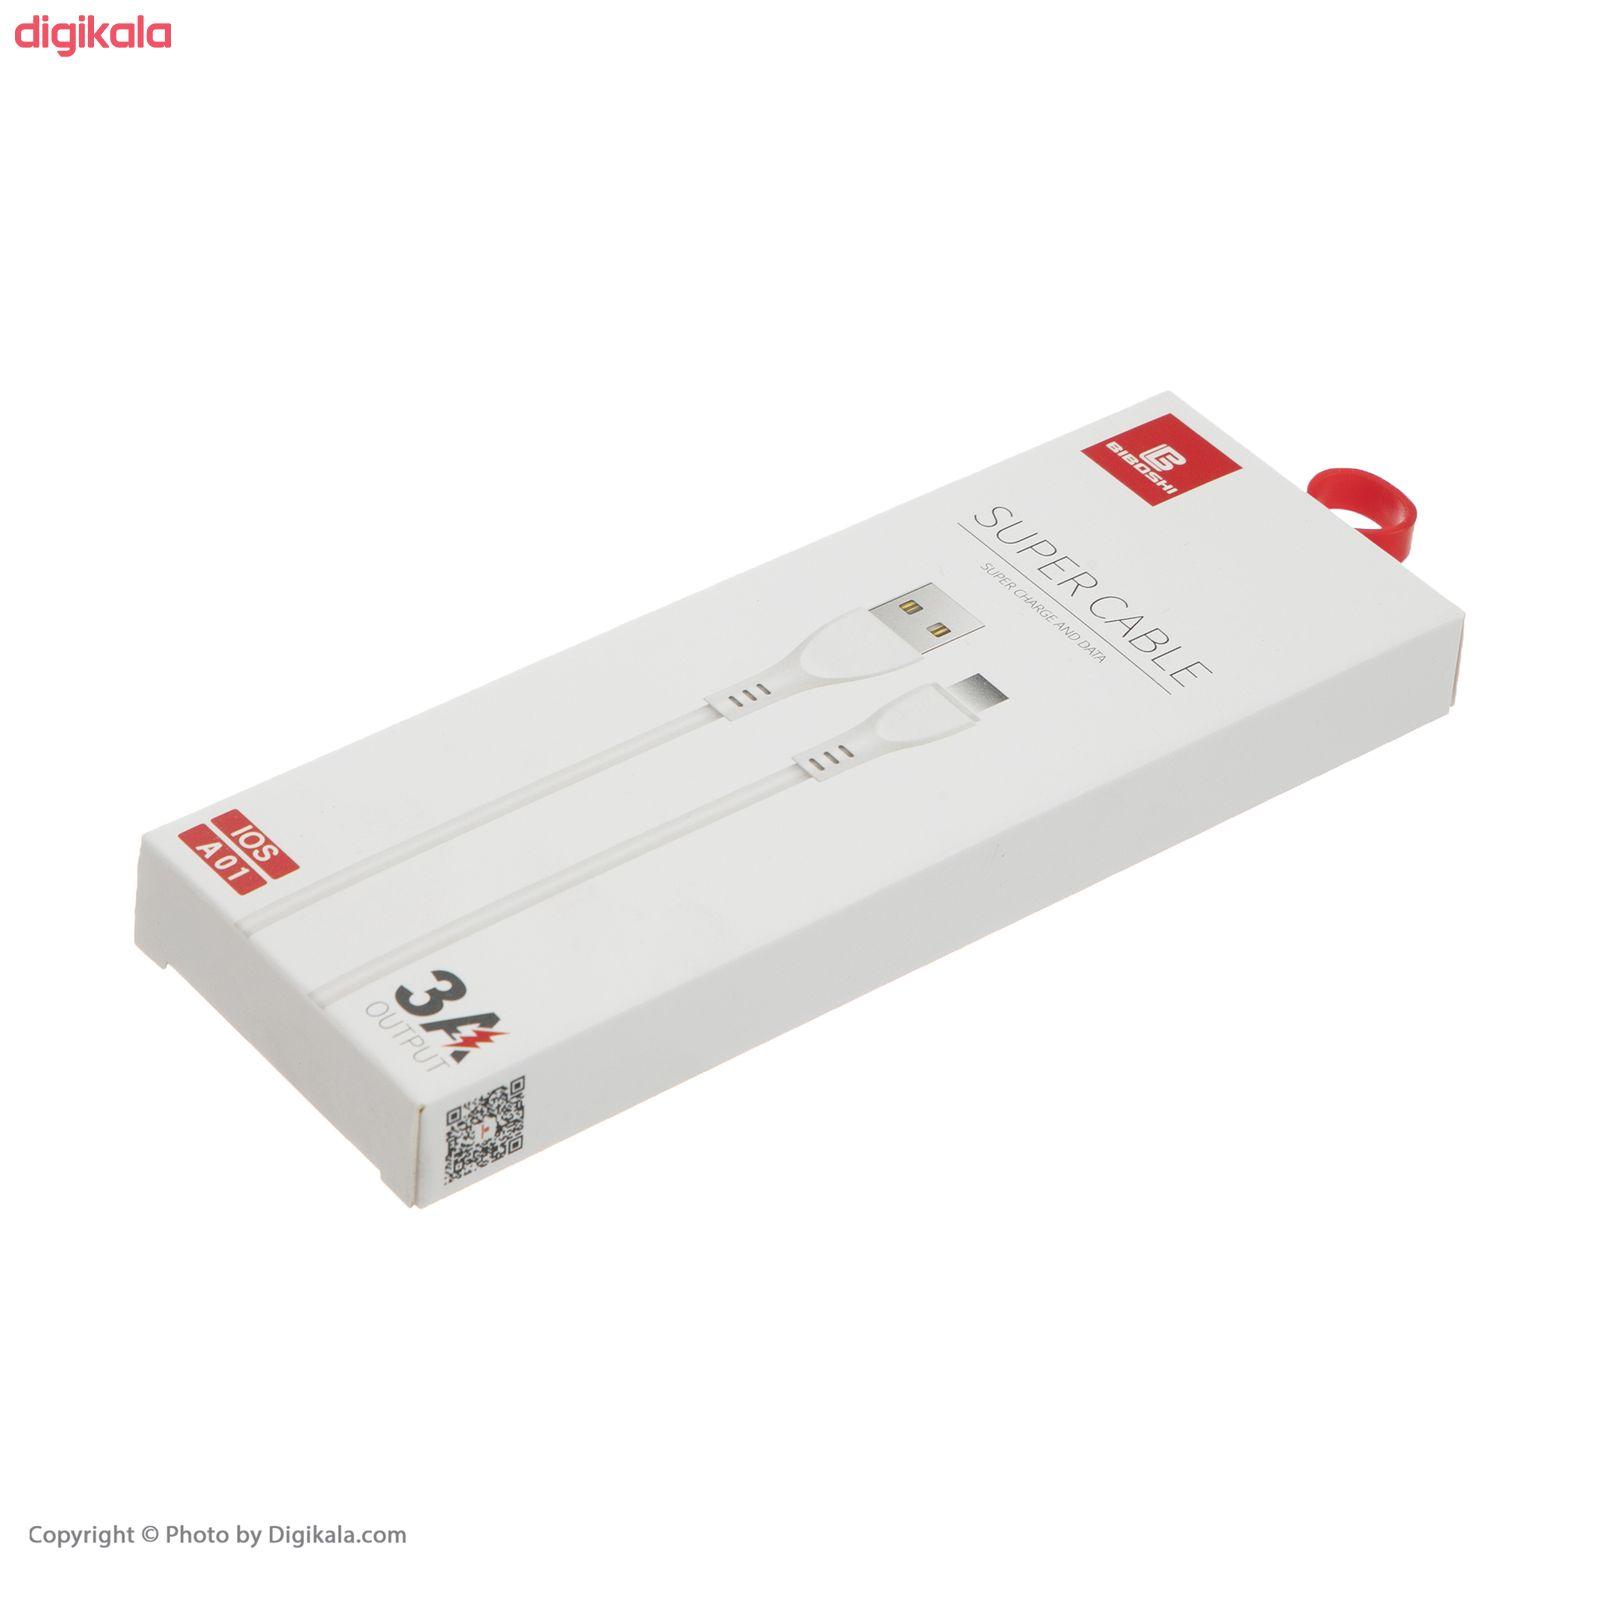 کابل تبدیل USB به لایتنینگ بییوشی مدل A01 طول 1 متر main 1 1